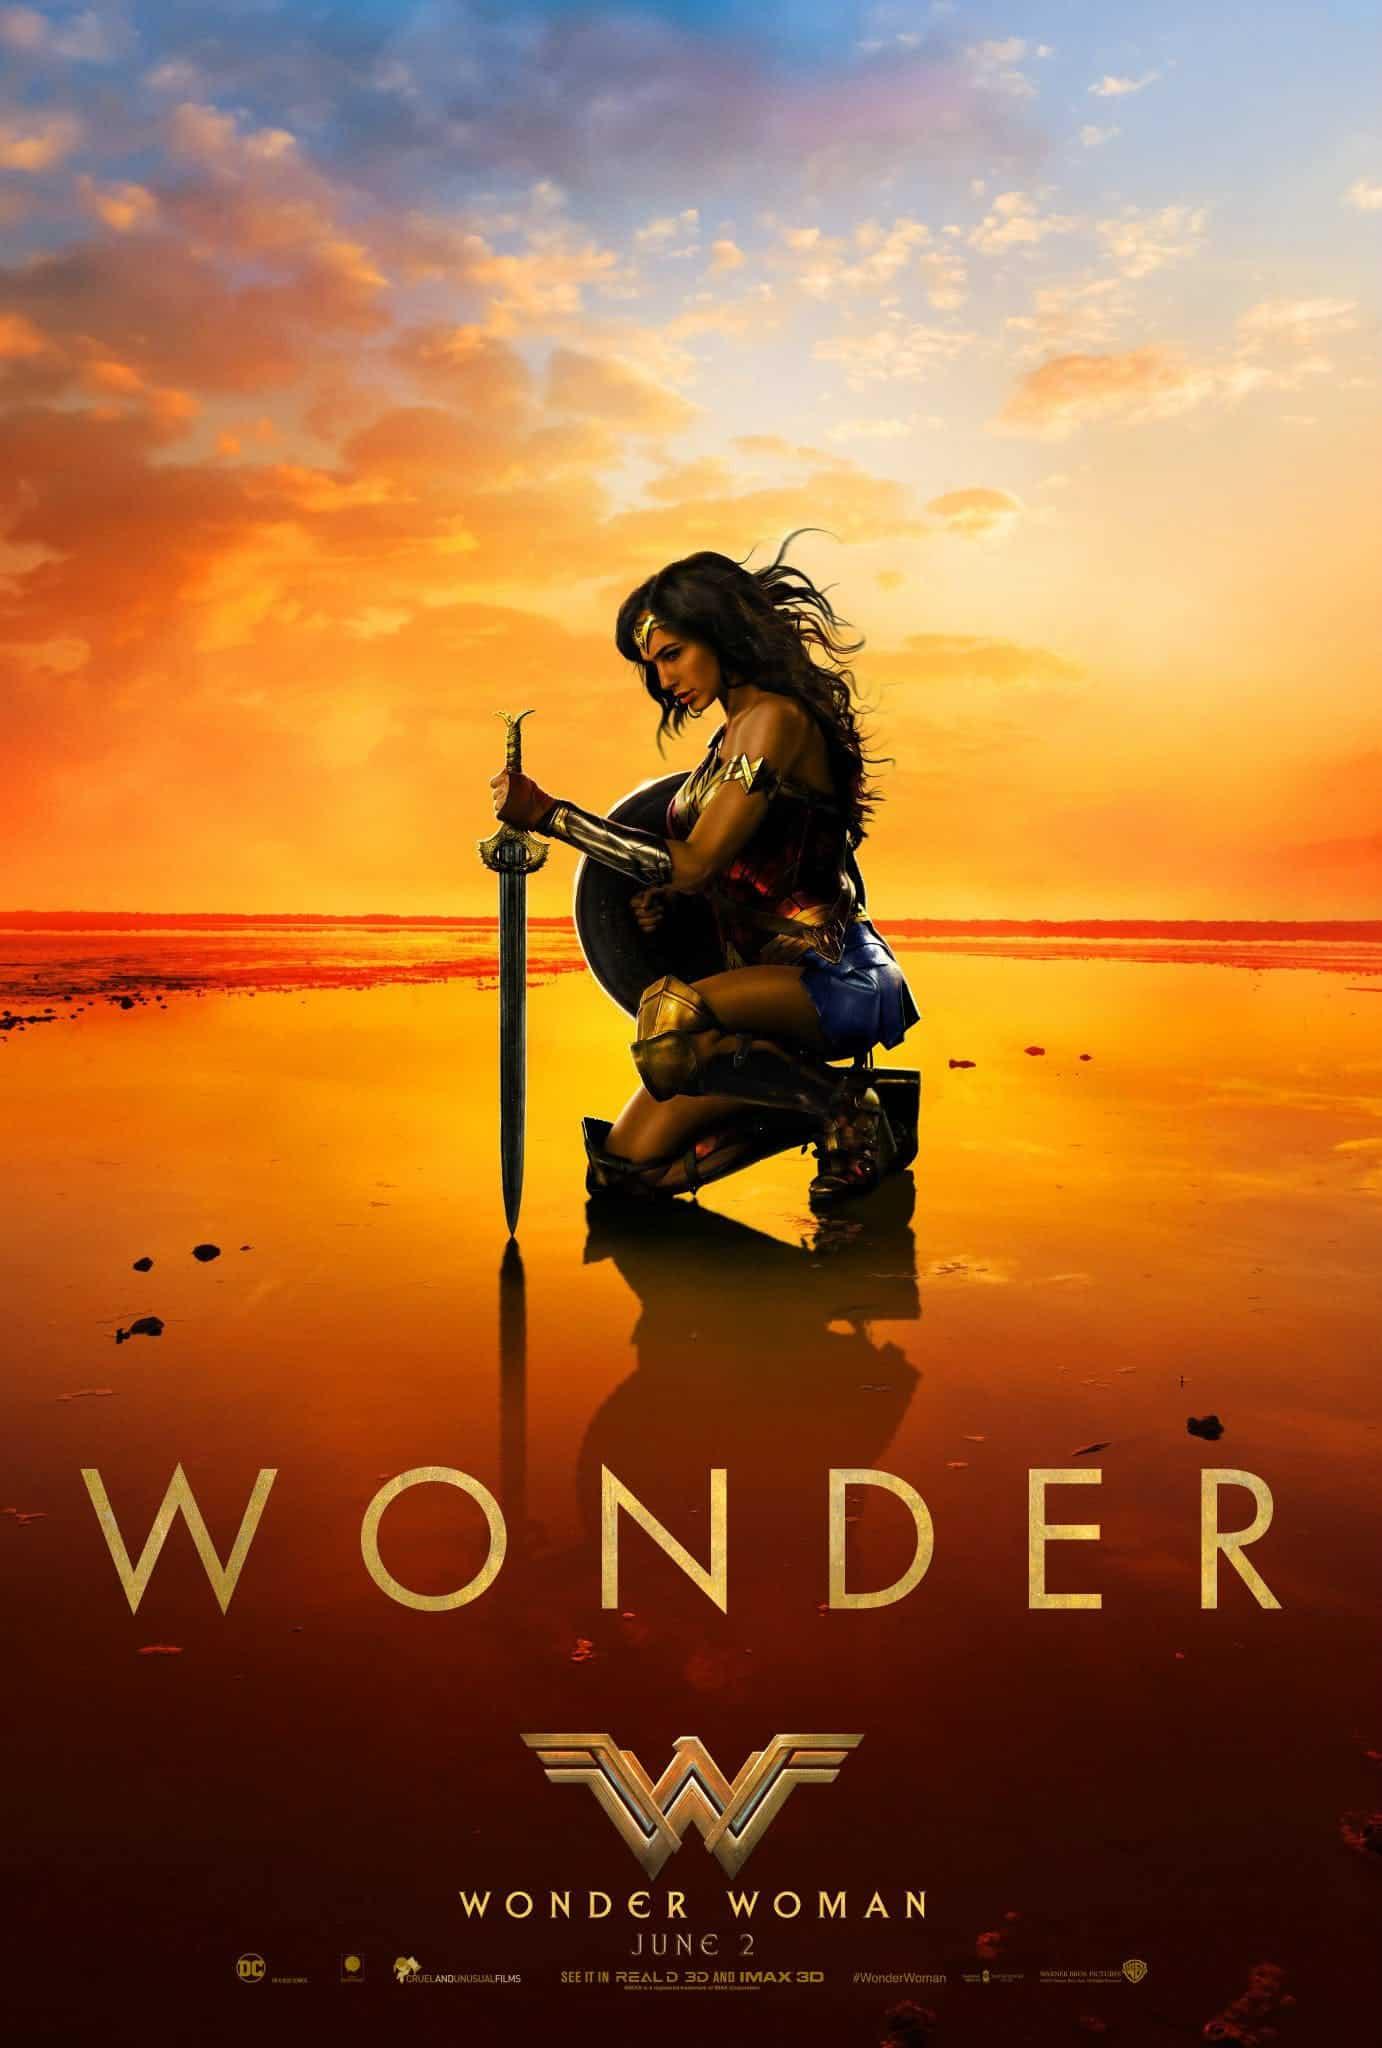 Najnovší Wonder Woman plagát; Zdroj: screenrant.com